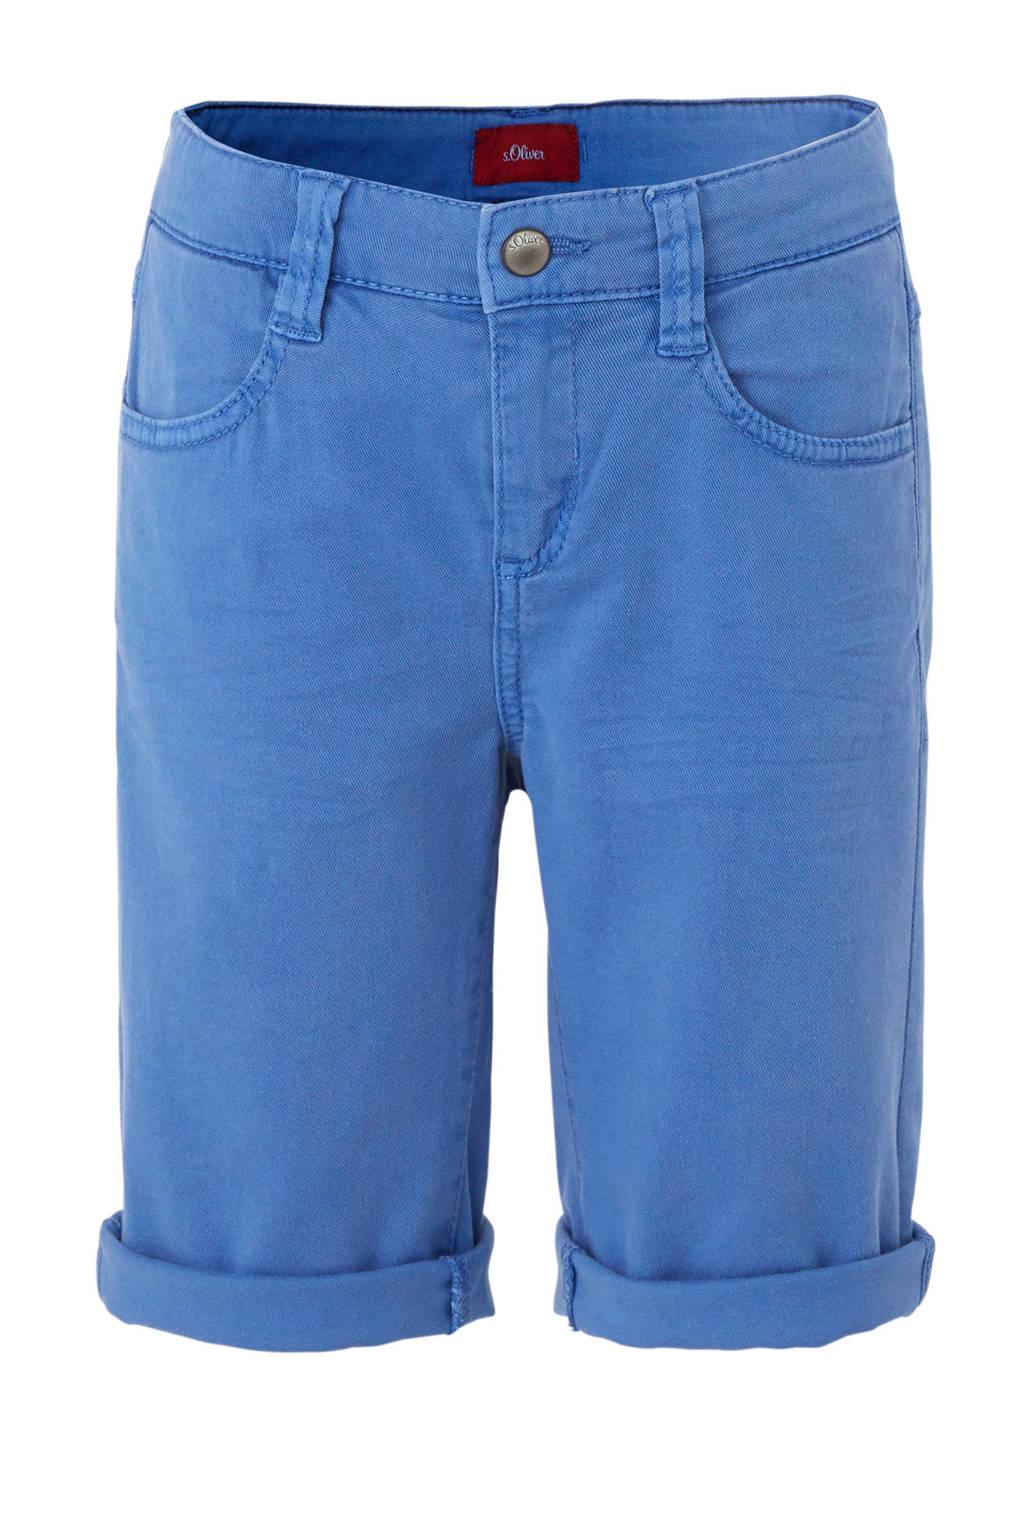 s.Oliver short blauw, Blauw